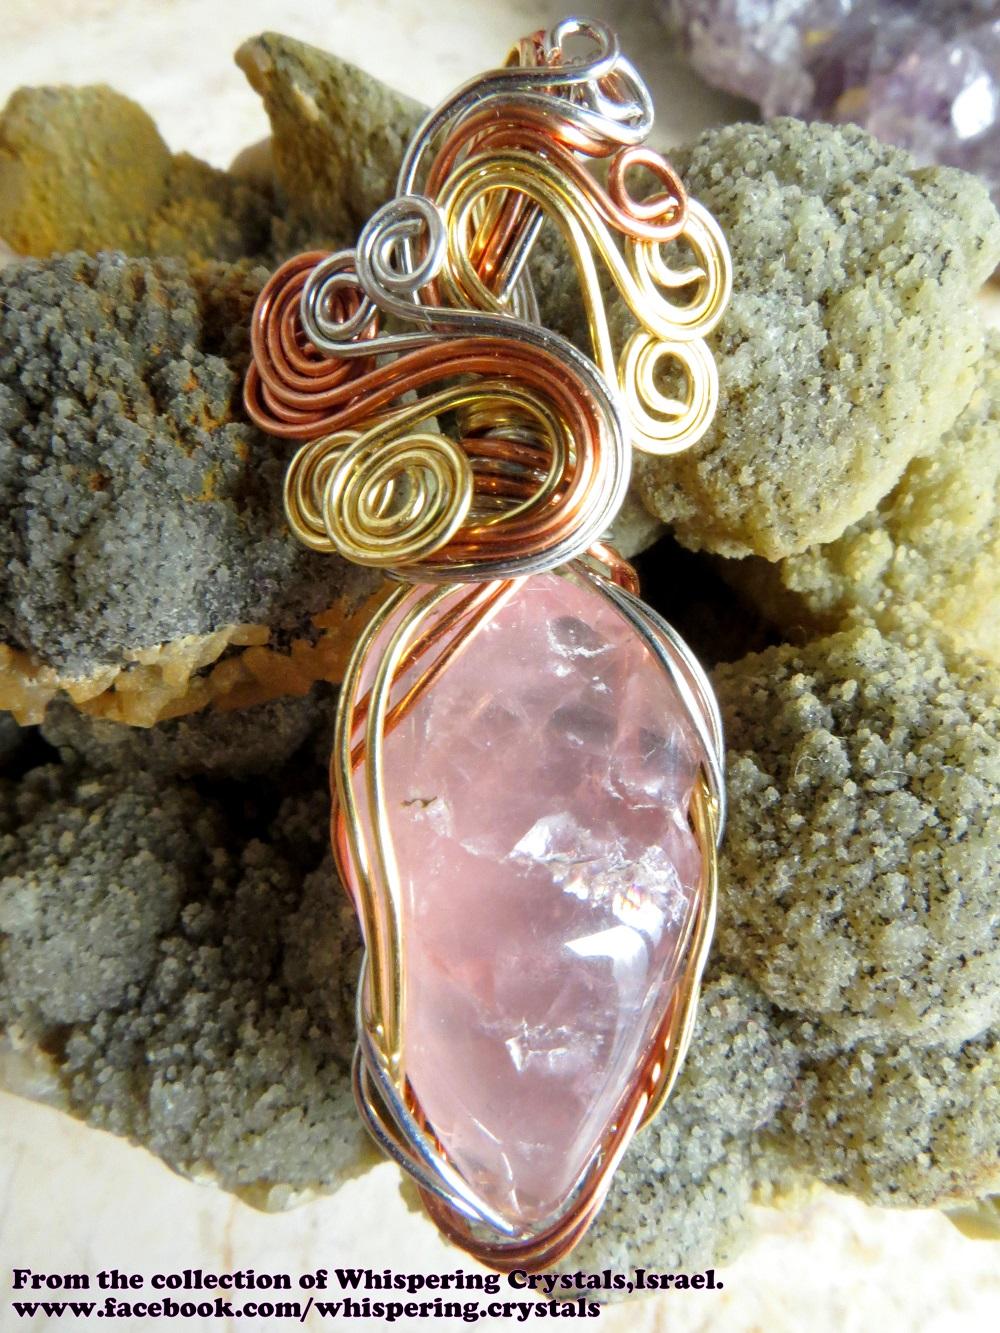 רוז-קוורץ איכותית משובצת בנחושת. מהאוסף של 'וויספרינג קריסטלס' www.facebook.com/whispering.crystals